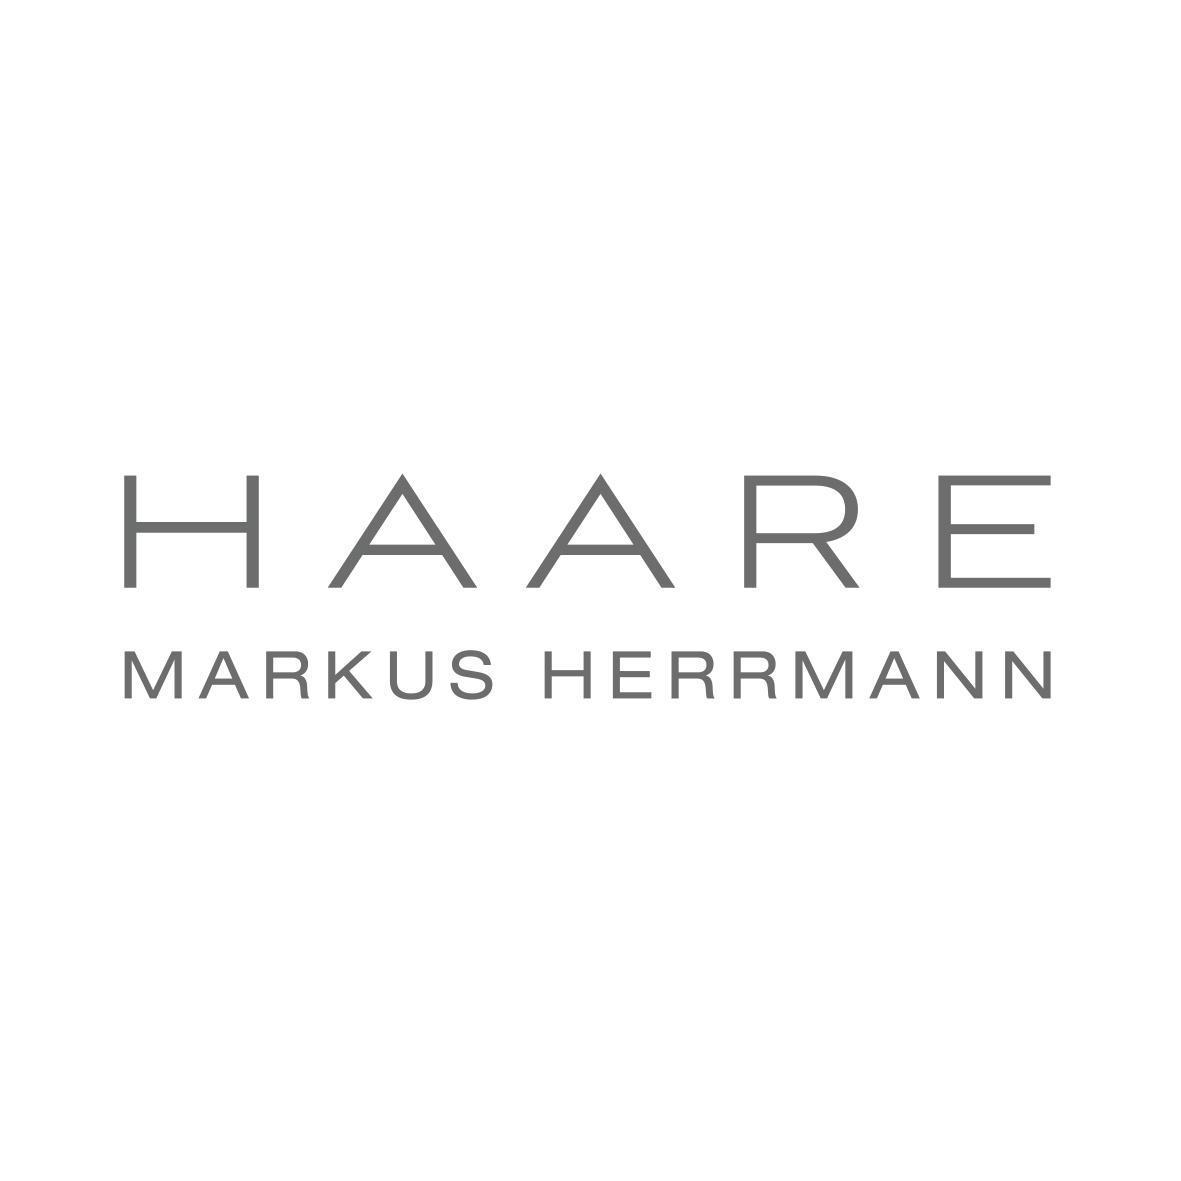 Logo von Haare Markus Herrmann